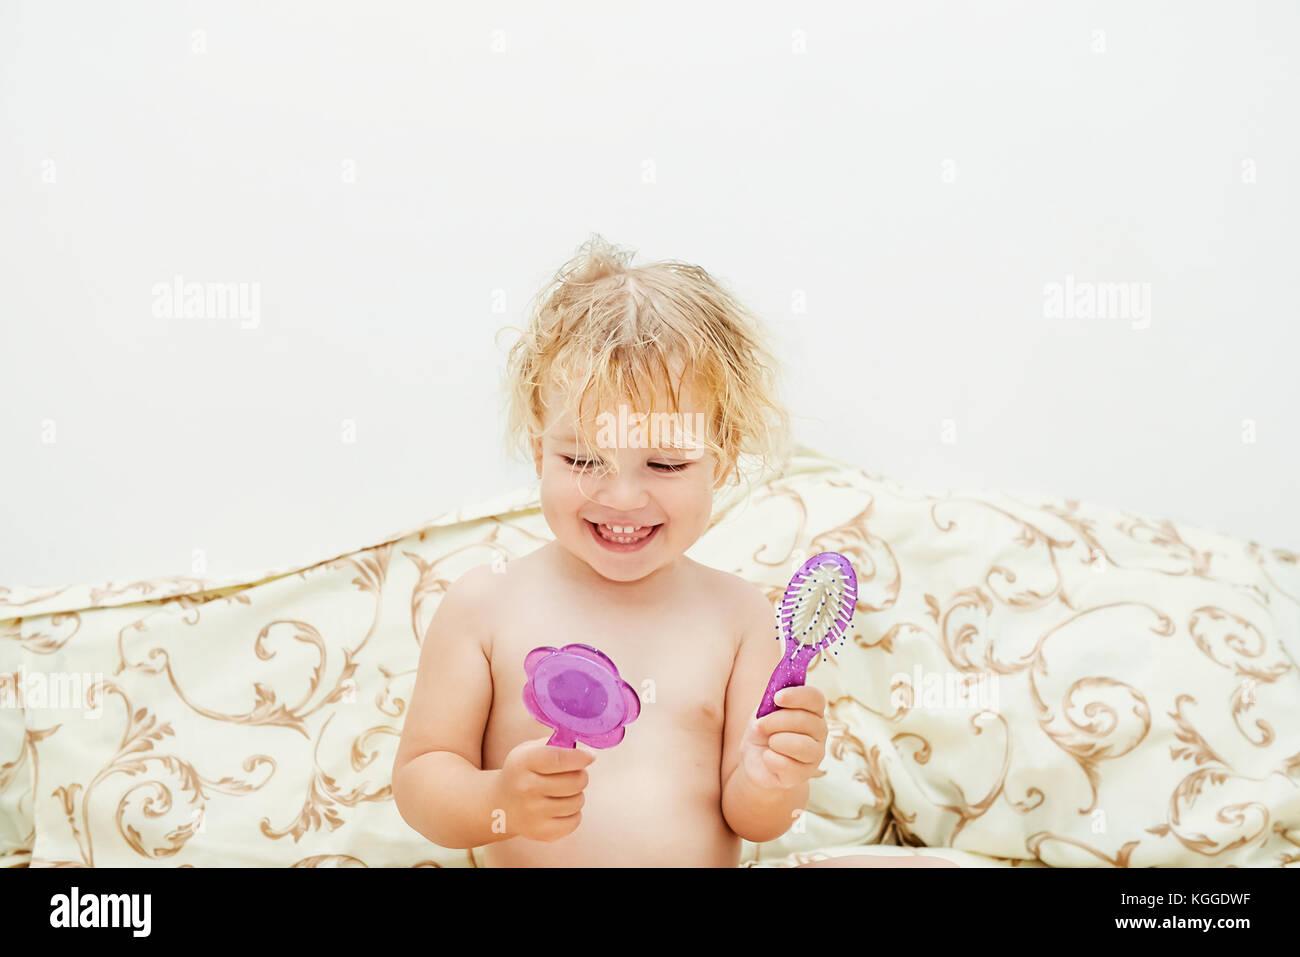 Niña sonriente después de un baño con espejo y peine niño cepillarse el pelo sentada en la cama. Imagen De Stock